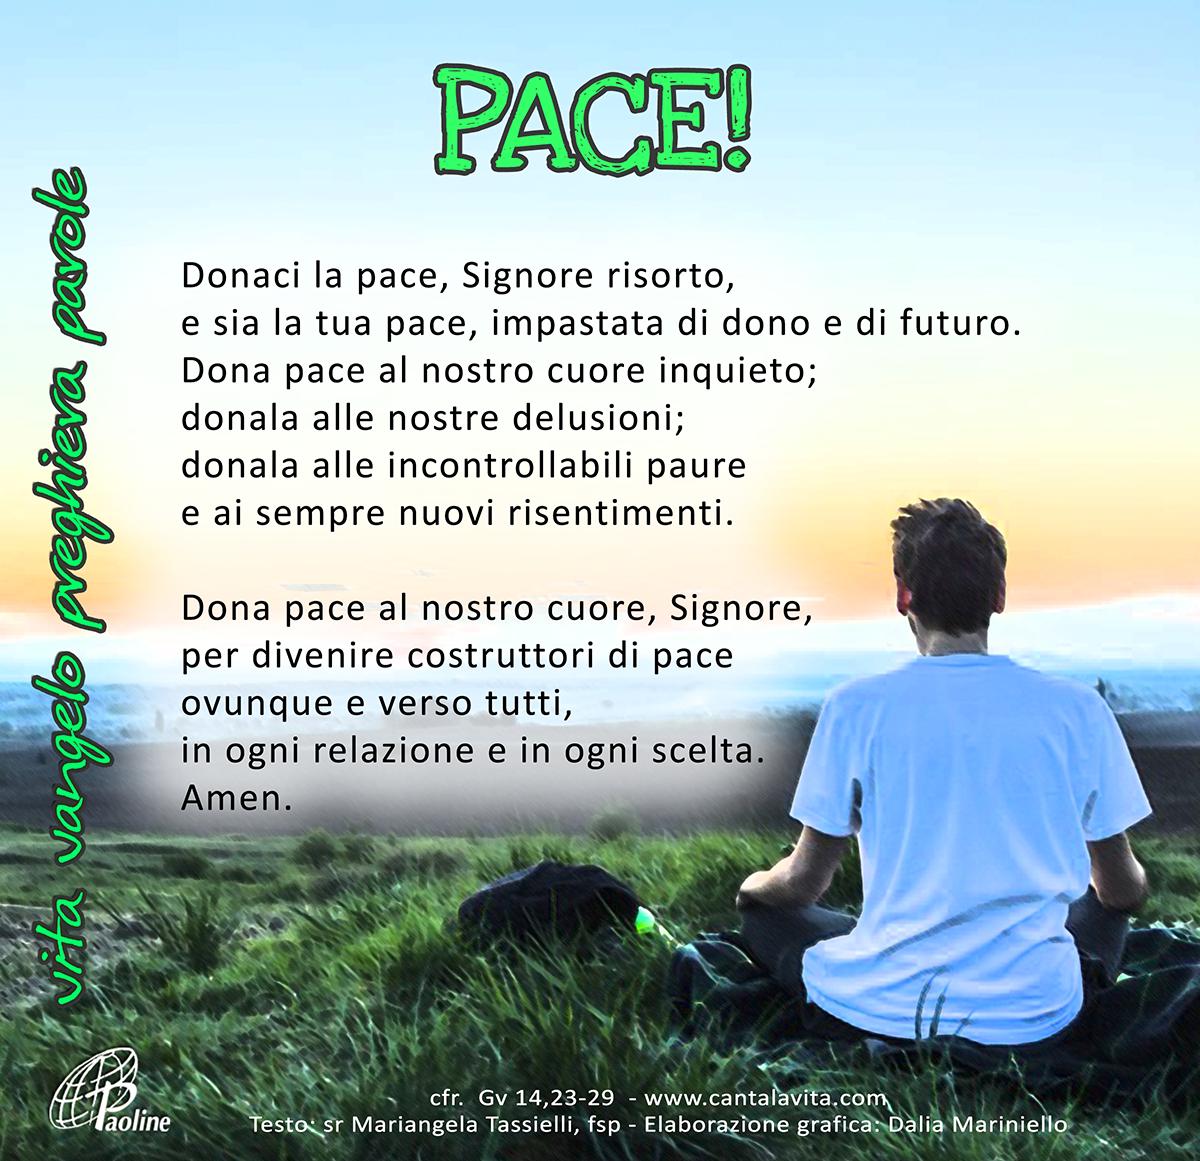 Exceptionnel VI Pasqua preghiera | Cantalavita FT34